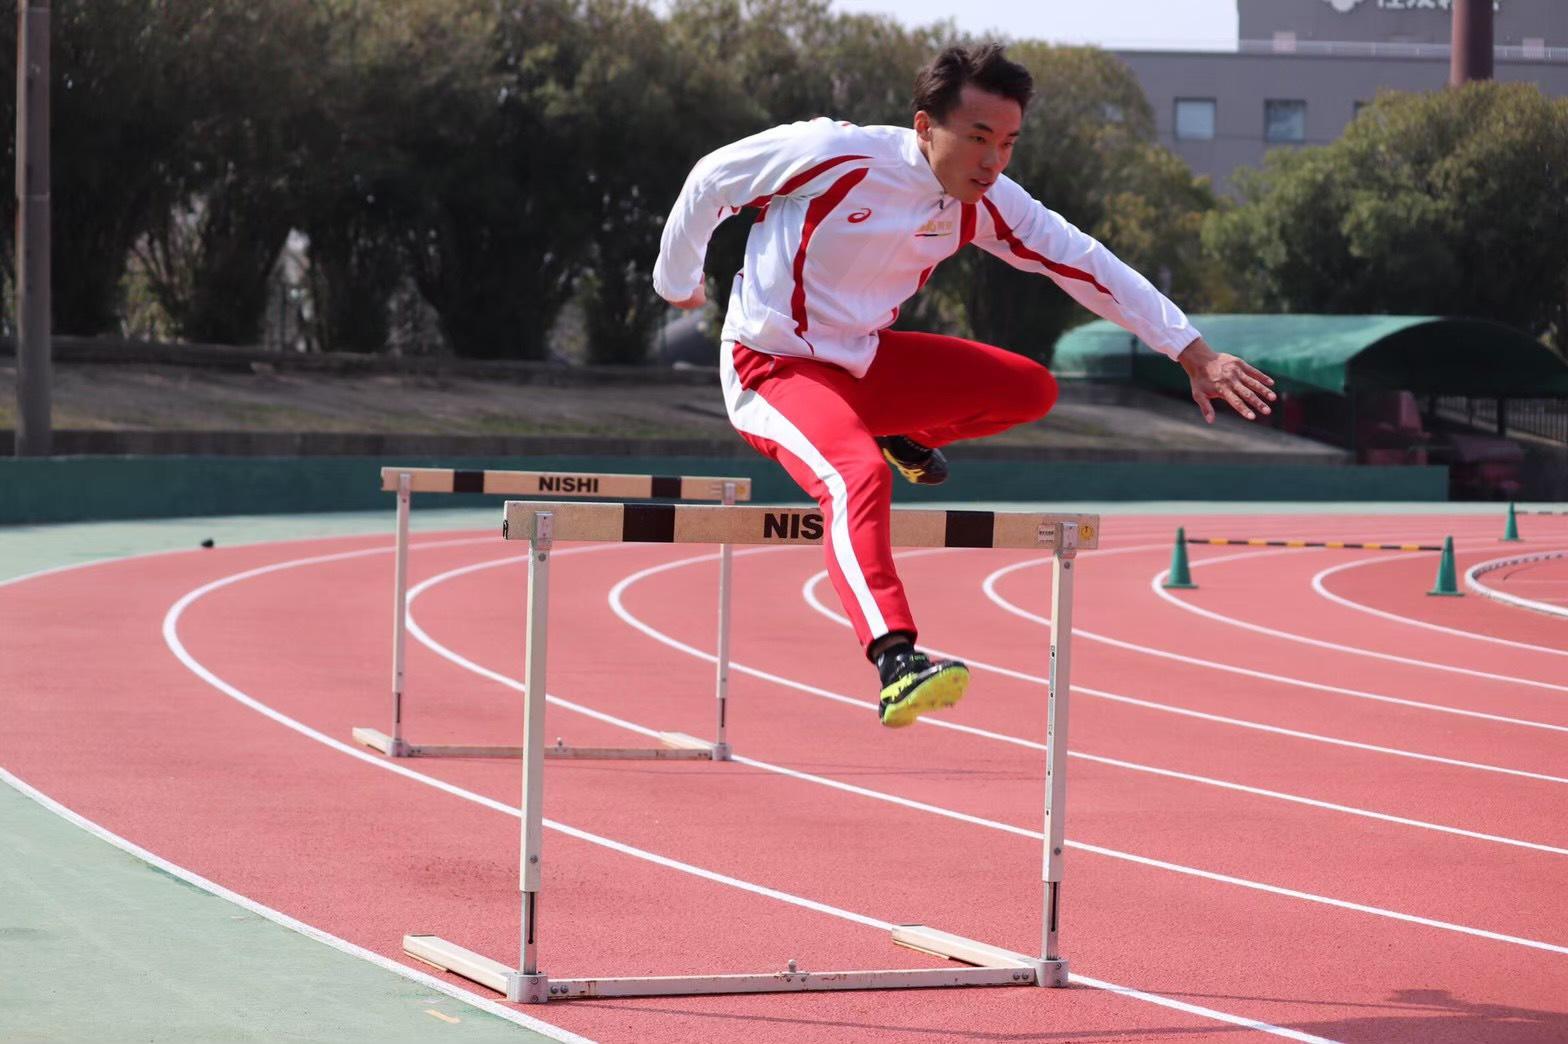 大林督享選手が、第105回日本陸上競技選手権大会に出場します!